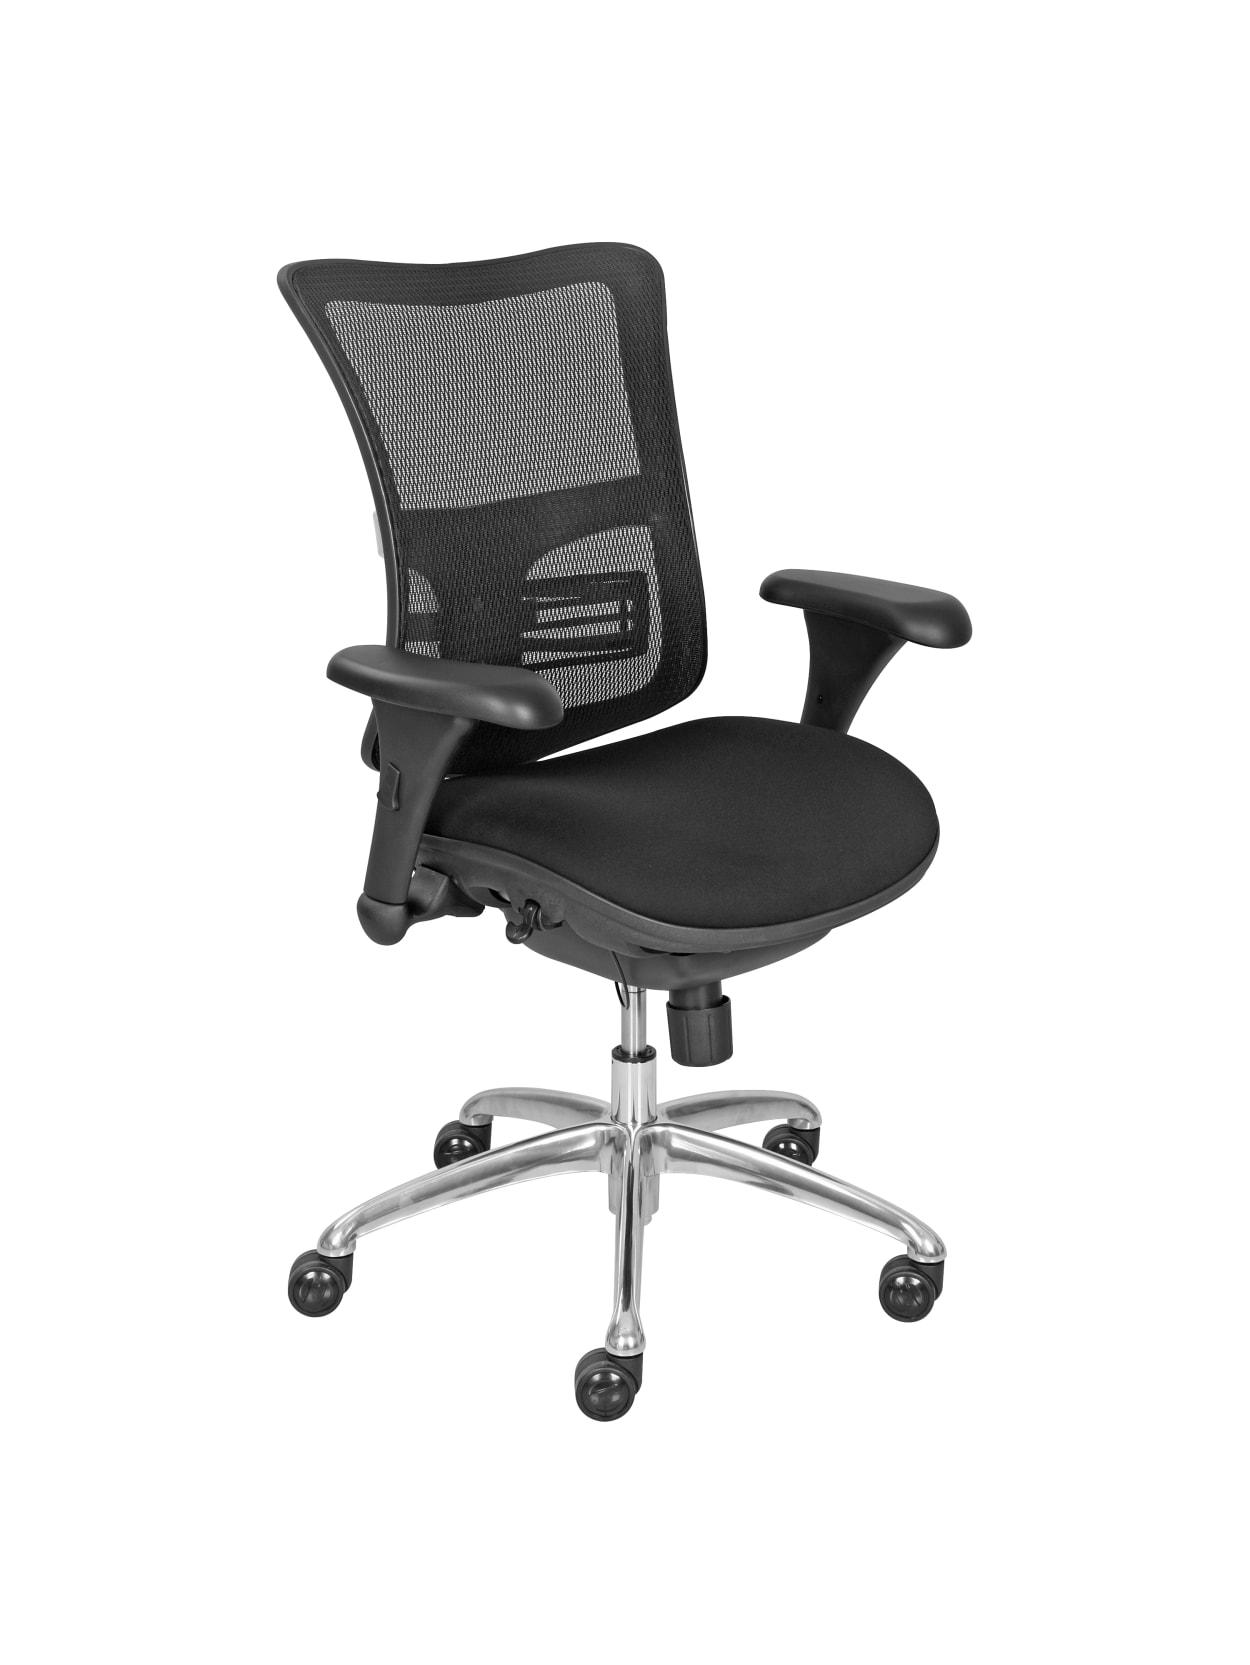 La Z Boy Mid Back Task Chair 41 H X 28 W X 20 1416 D Black Office Depot